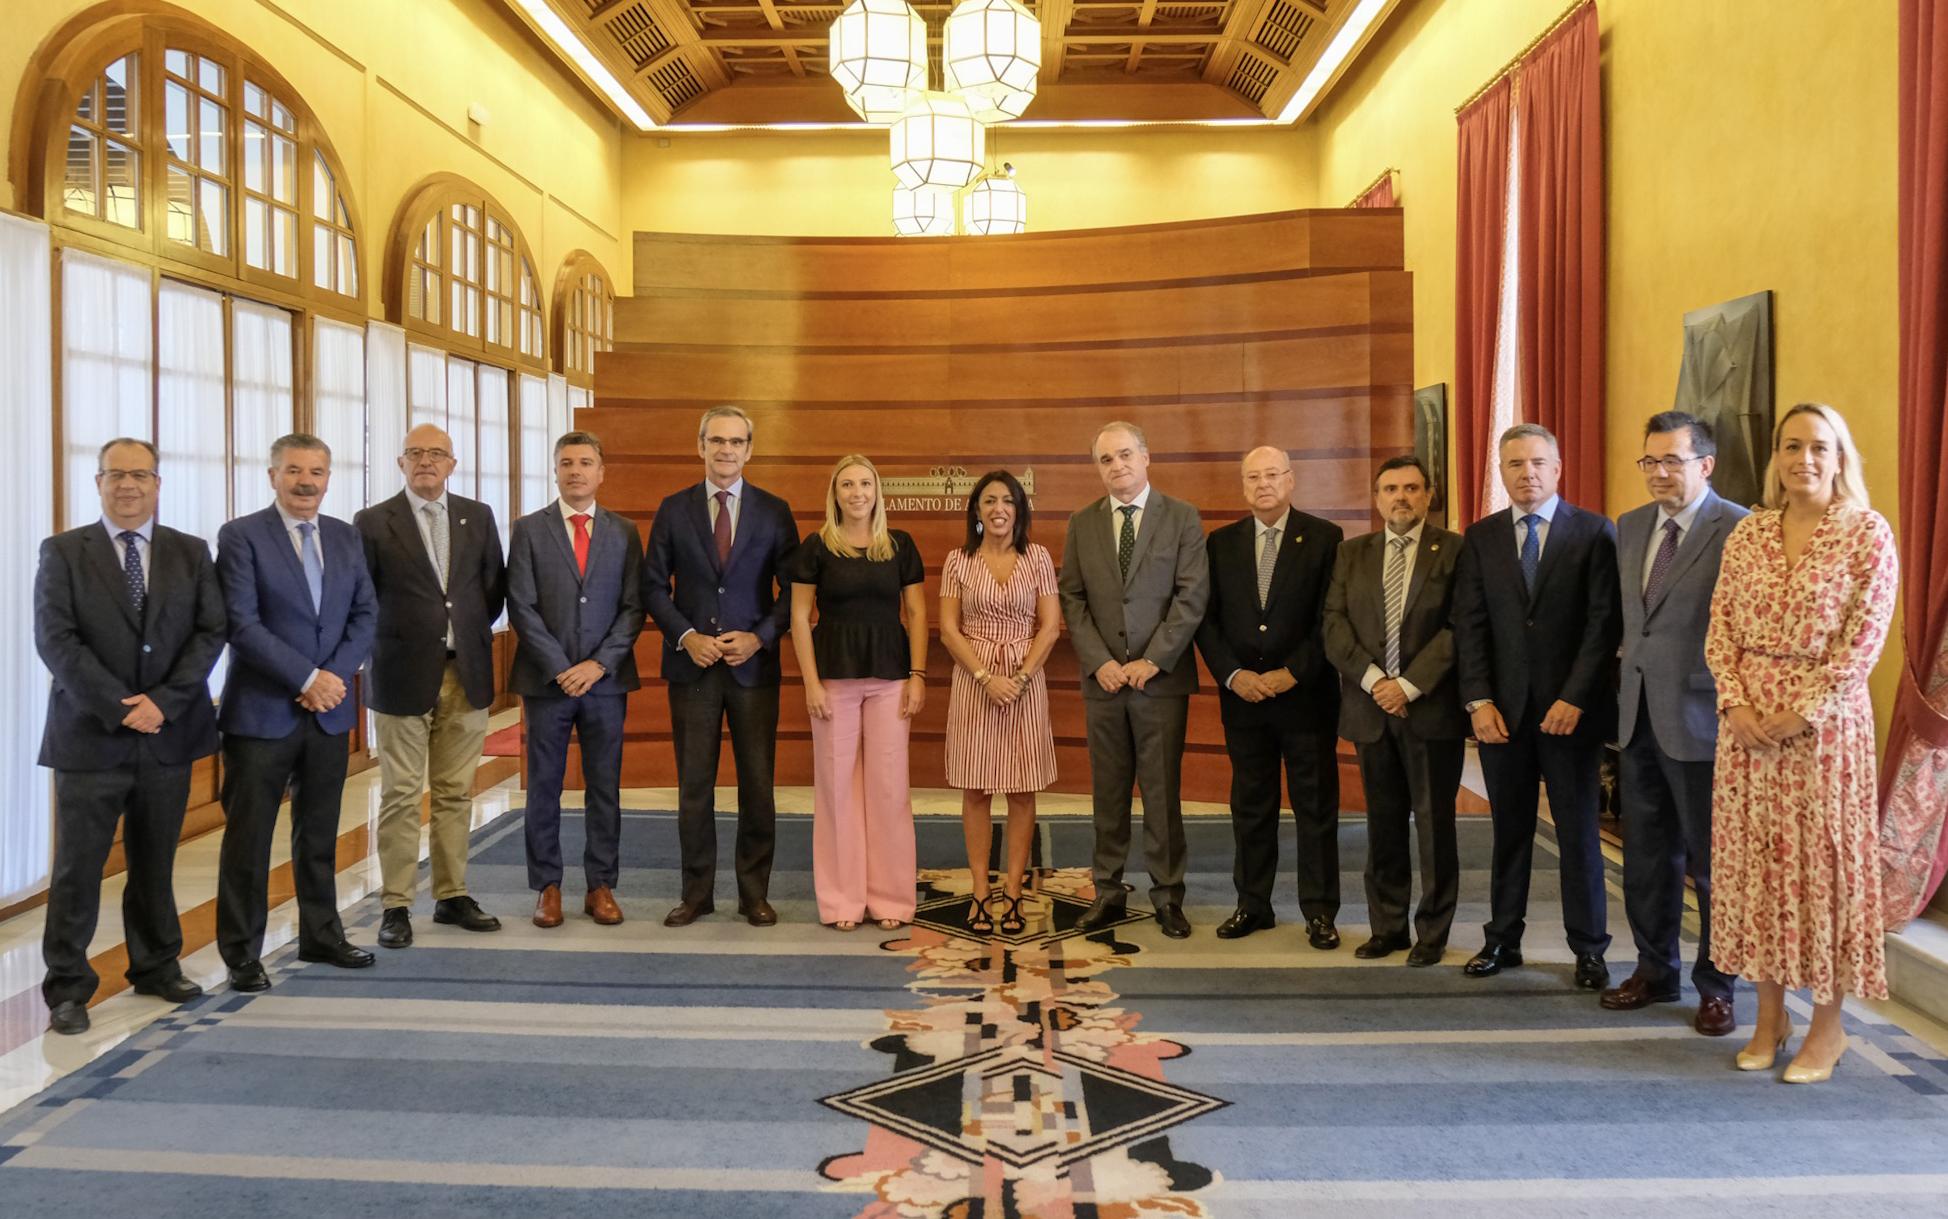 Los farmacéuticos andaluces presentan en el Parlamento de Andalucía todo su potencial sanitario al servicio del sistema de salud